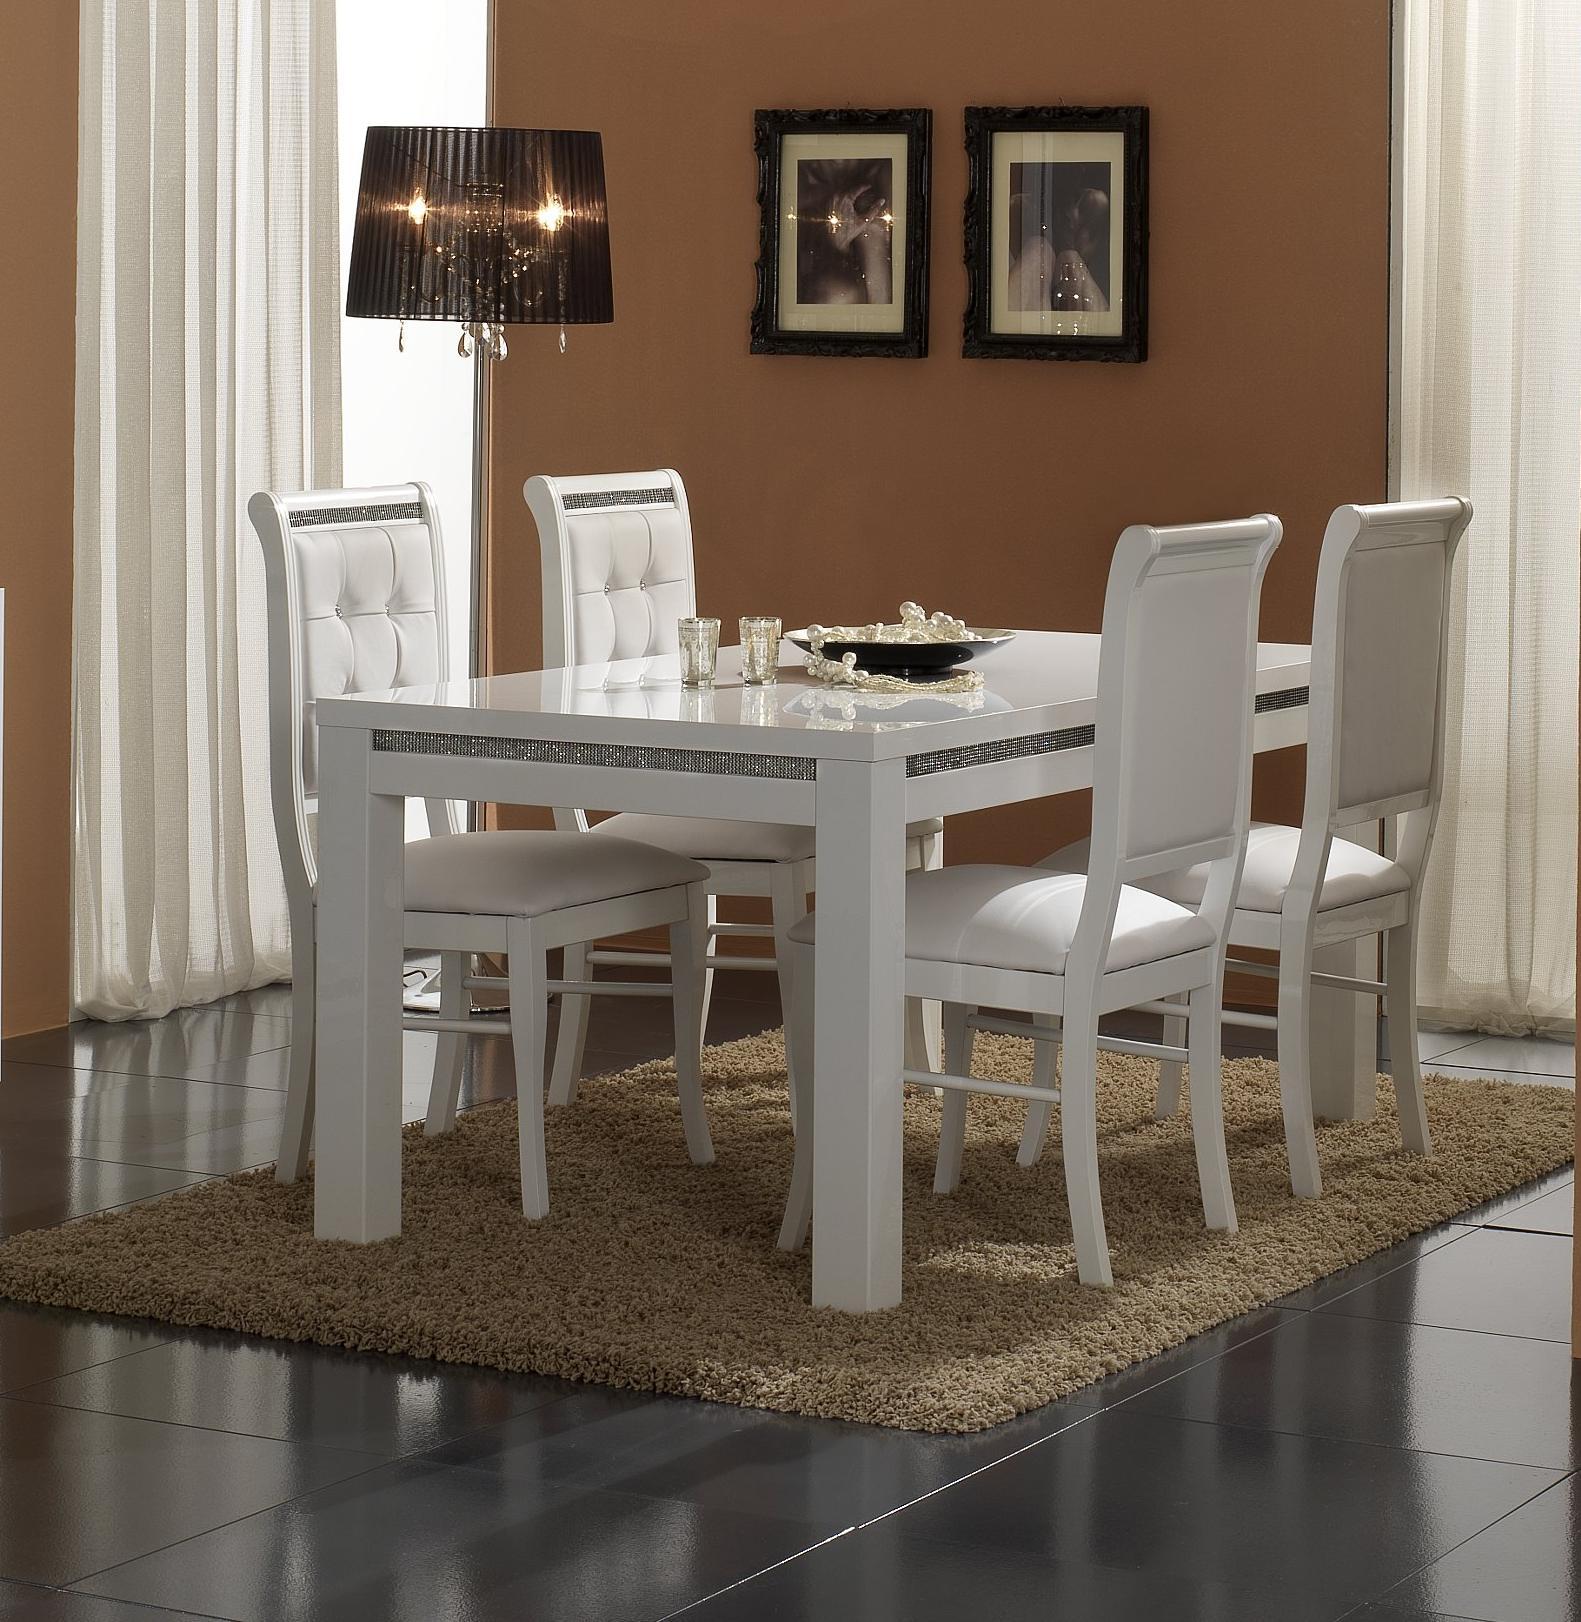 Chaise de salle manger blanche lot de 2 perla matelpro - Chaise de salle a manger blanche ...